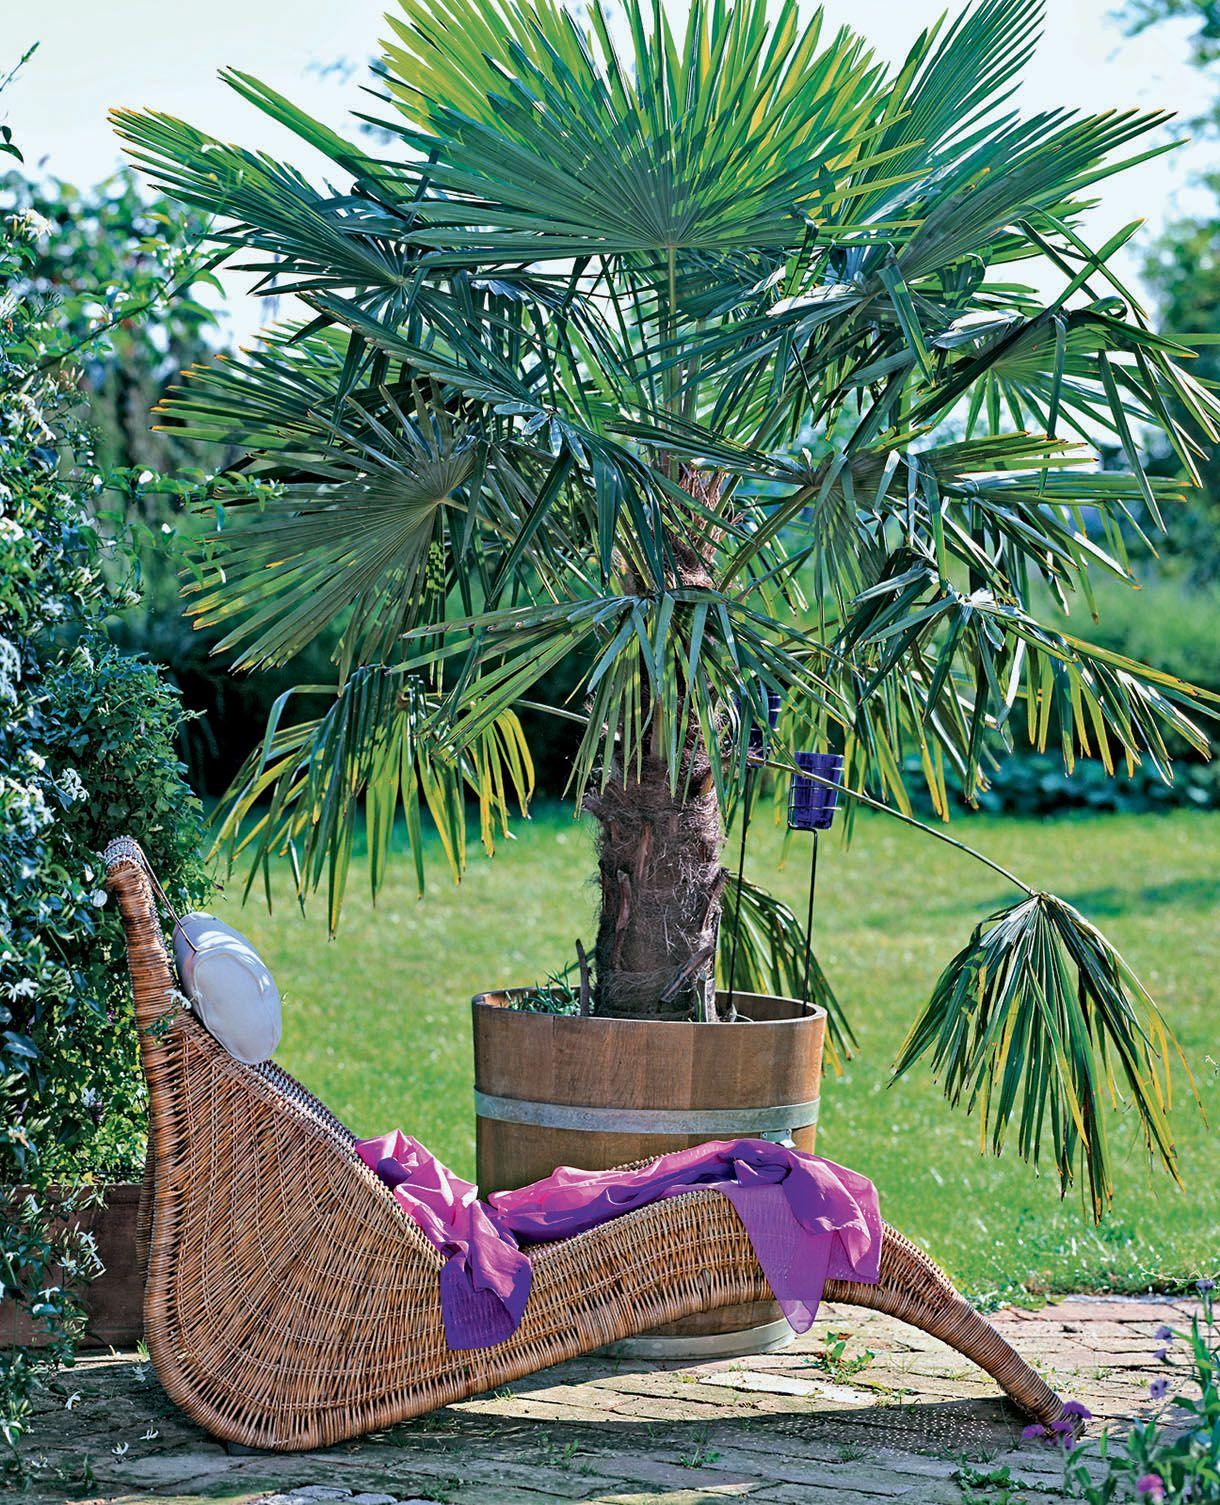 Comment Creer Un Jardin Exotique Durable Jardin Exotique Jardins Jardin Tropical